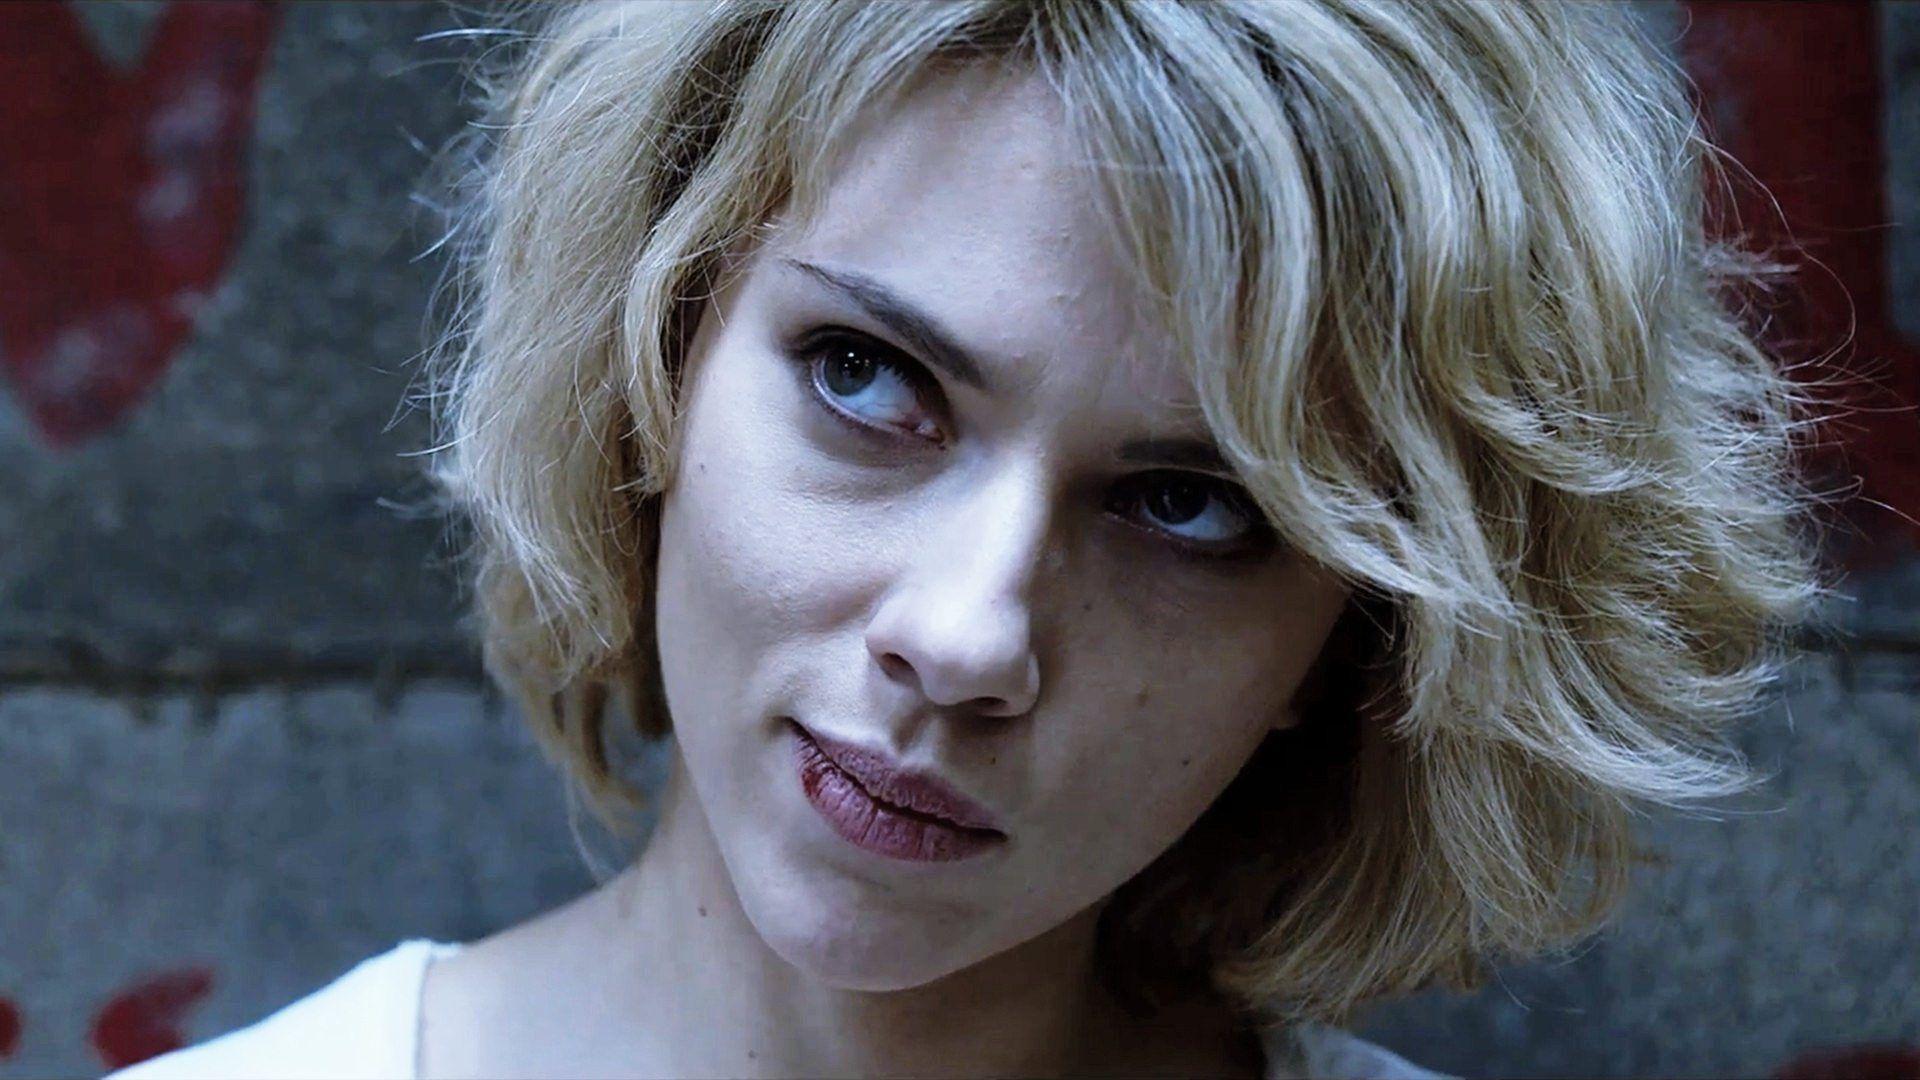 Scarlett Johansson Background 4K For Desktop Background 13